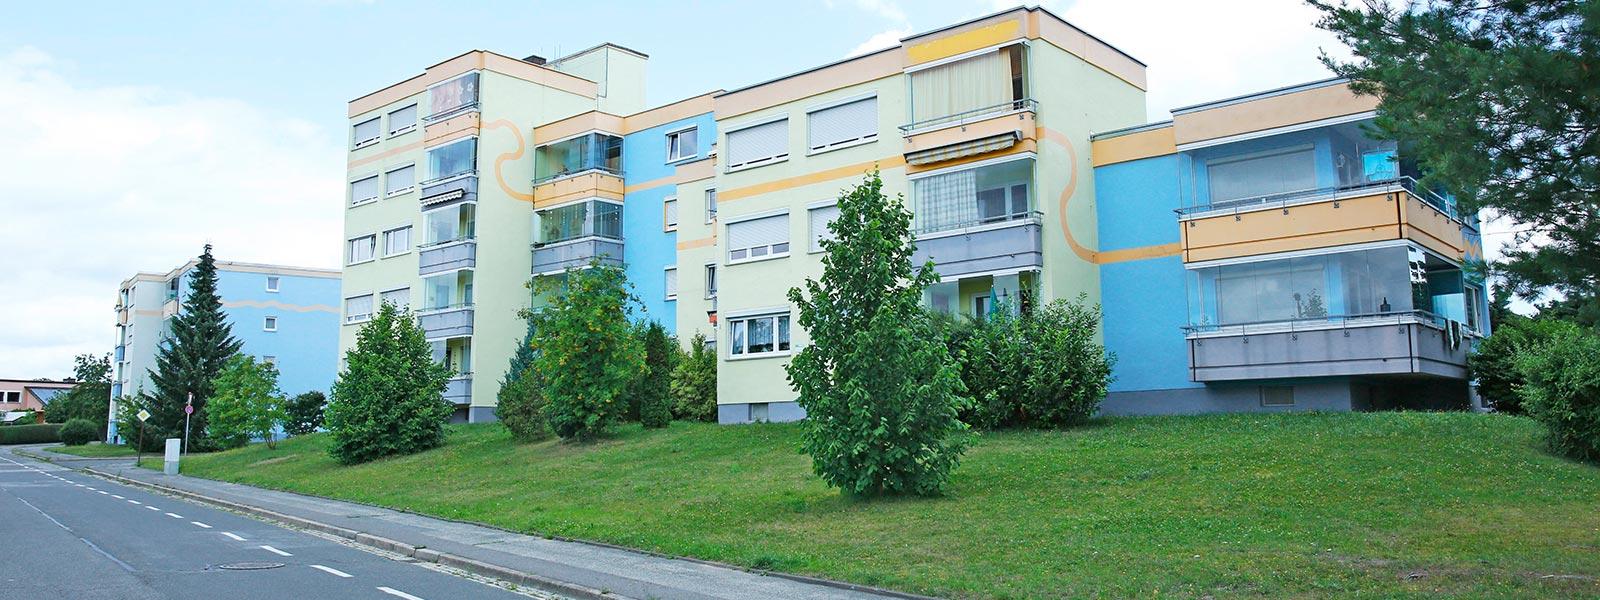 GWG-Wohngebiet-Lenaustraße-Titel